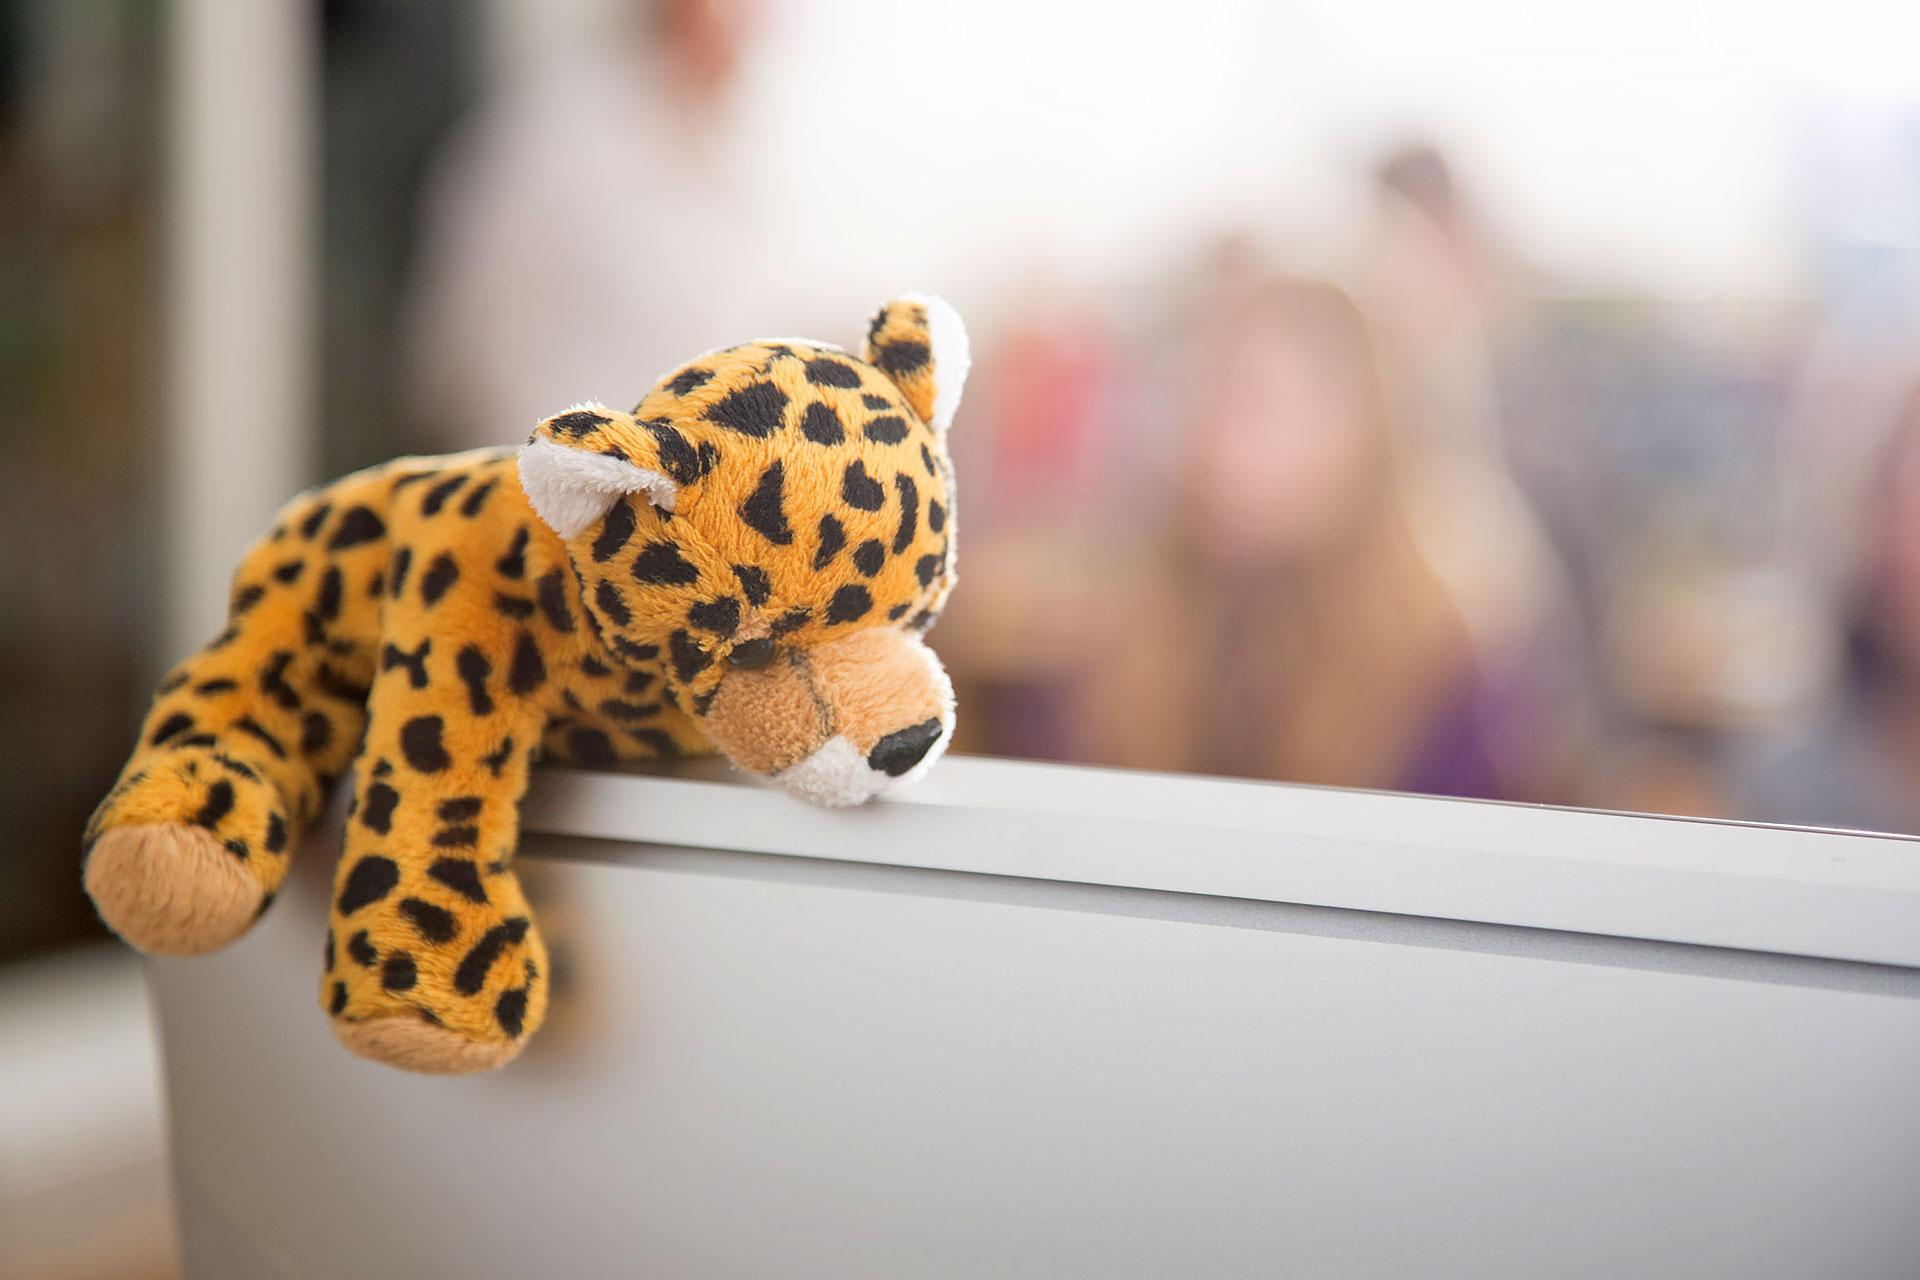 Leoparden-Plüschtier liegt auf Computerbildschirm